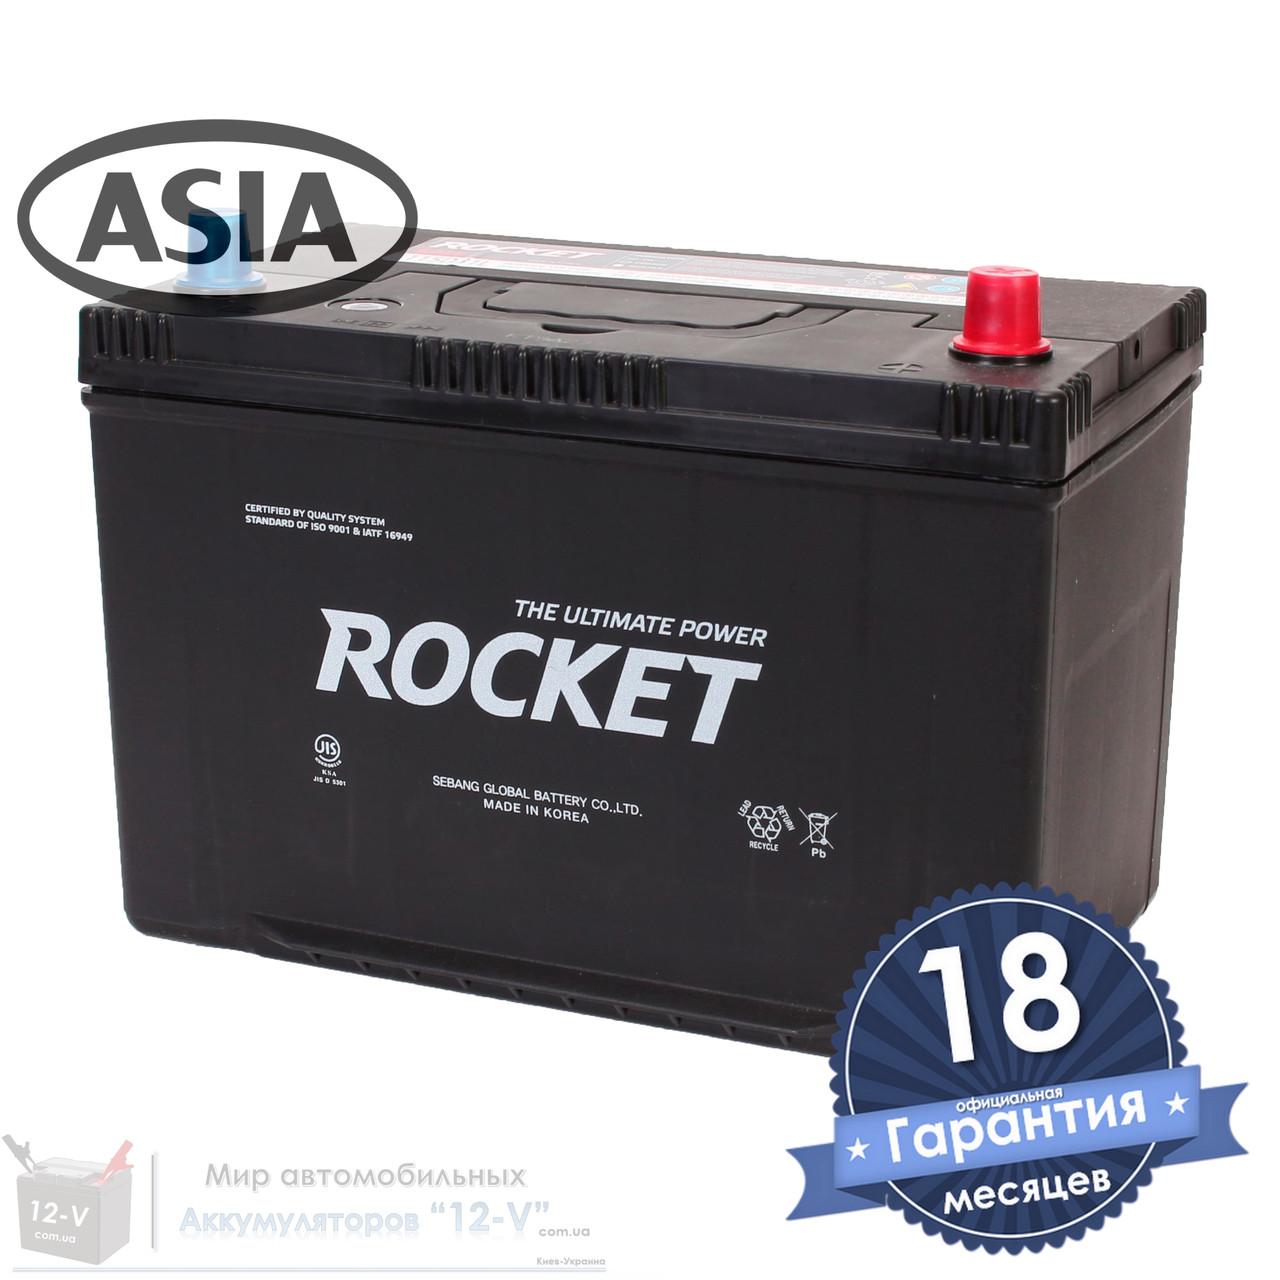 Аккумулятор автомобильный ROCKET 6CT 95Ah ASIA, пусковой ток 920А [–|+] (115D31L)